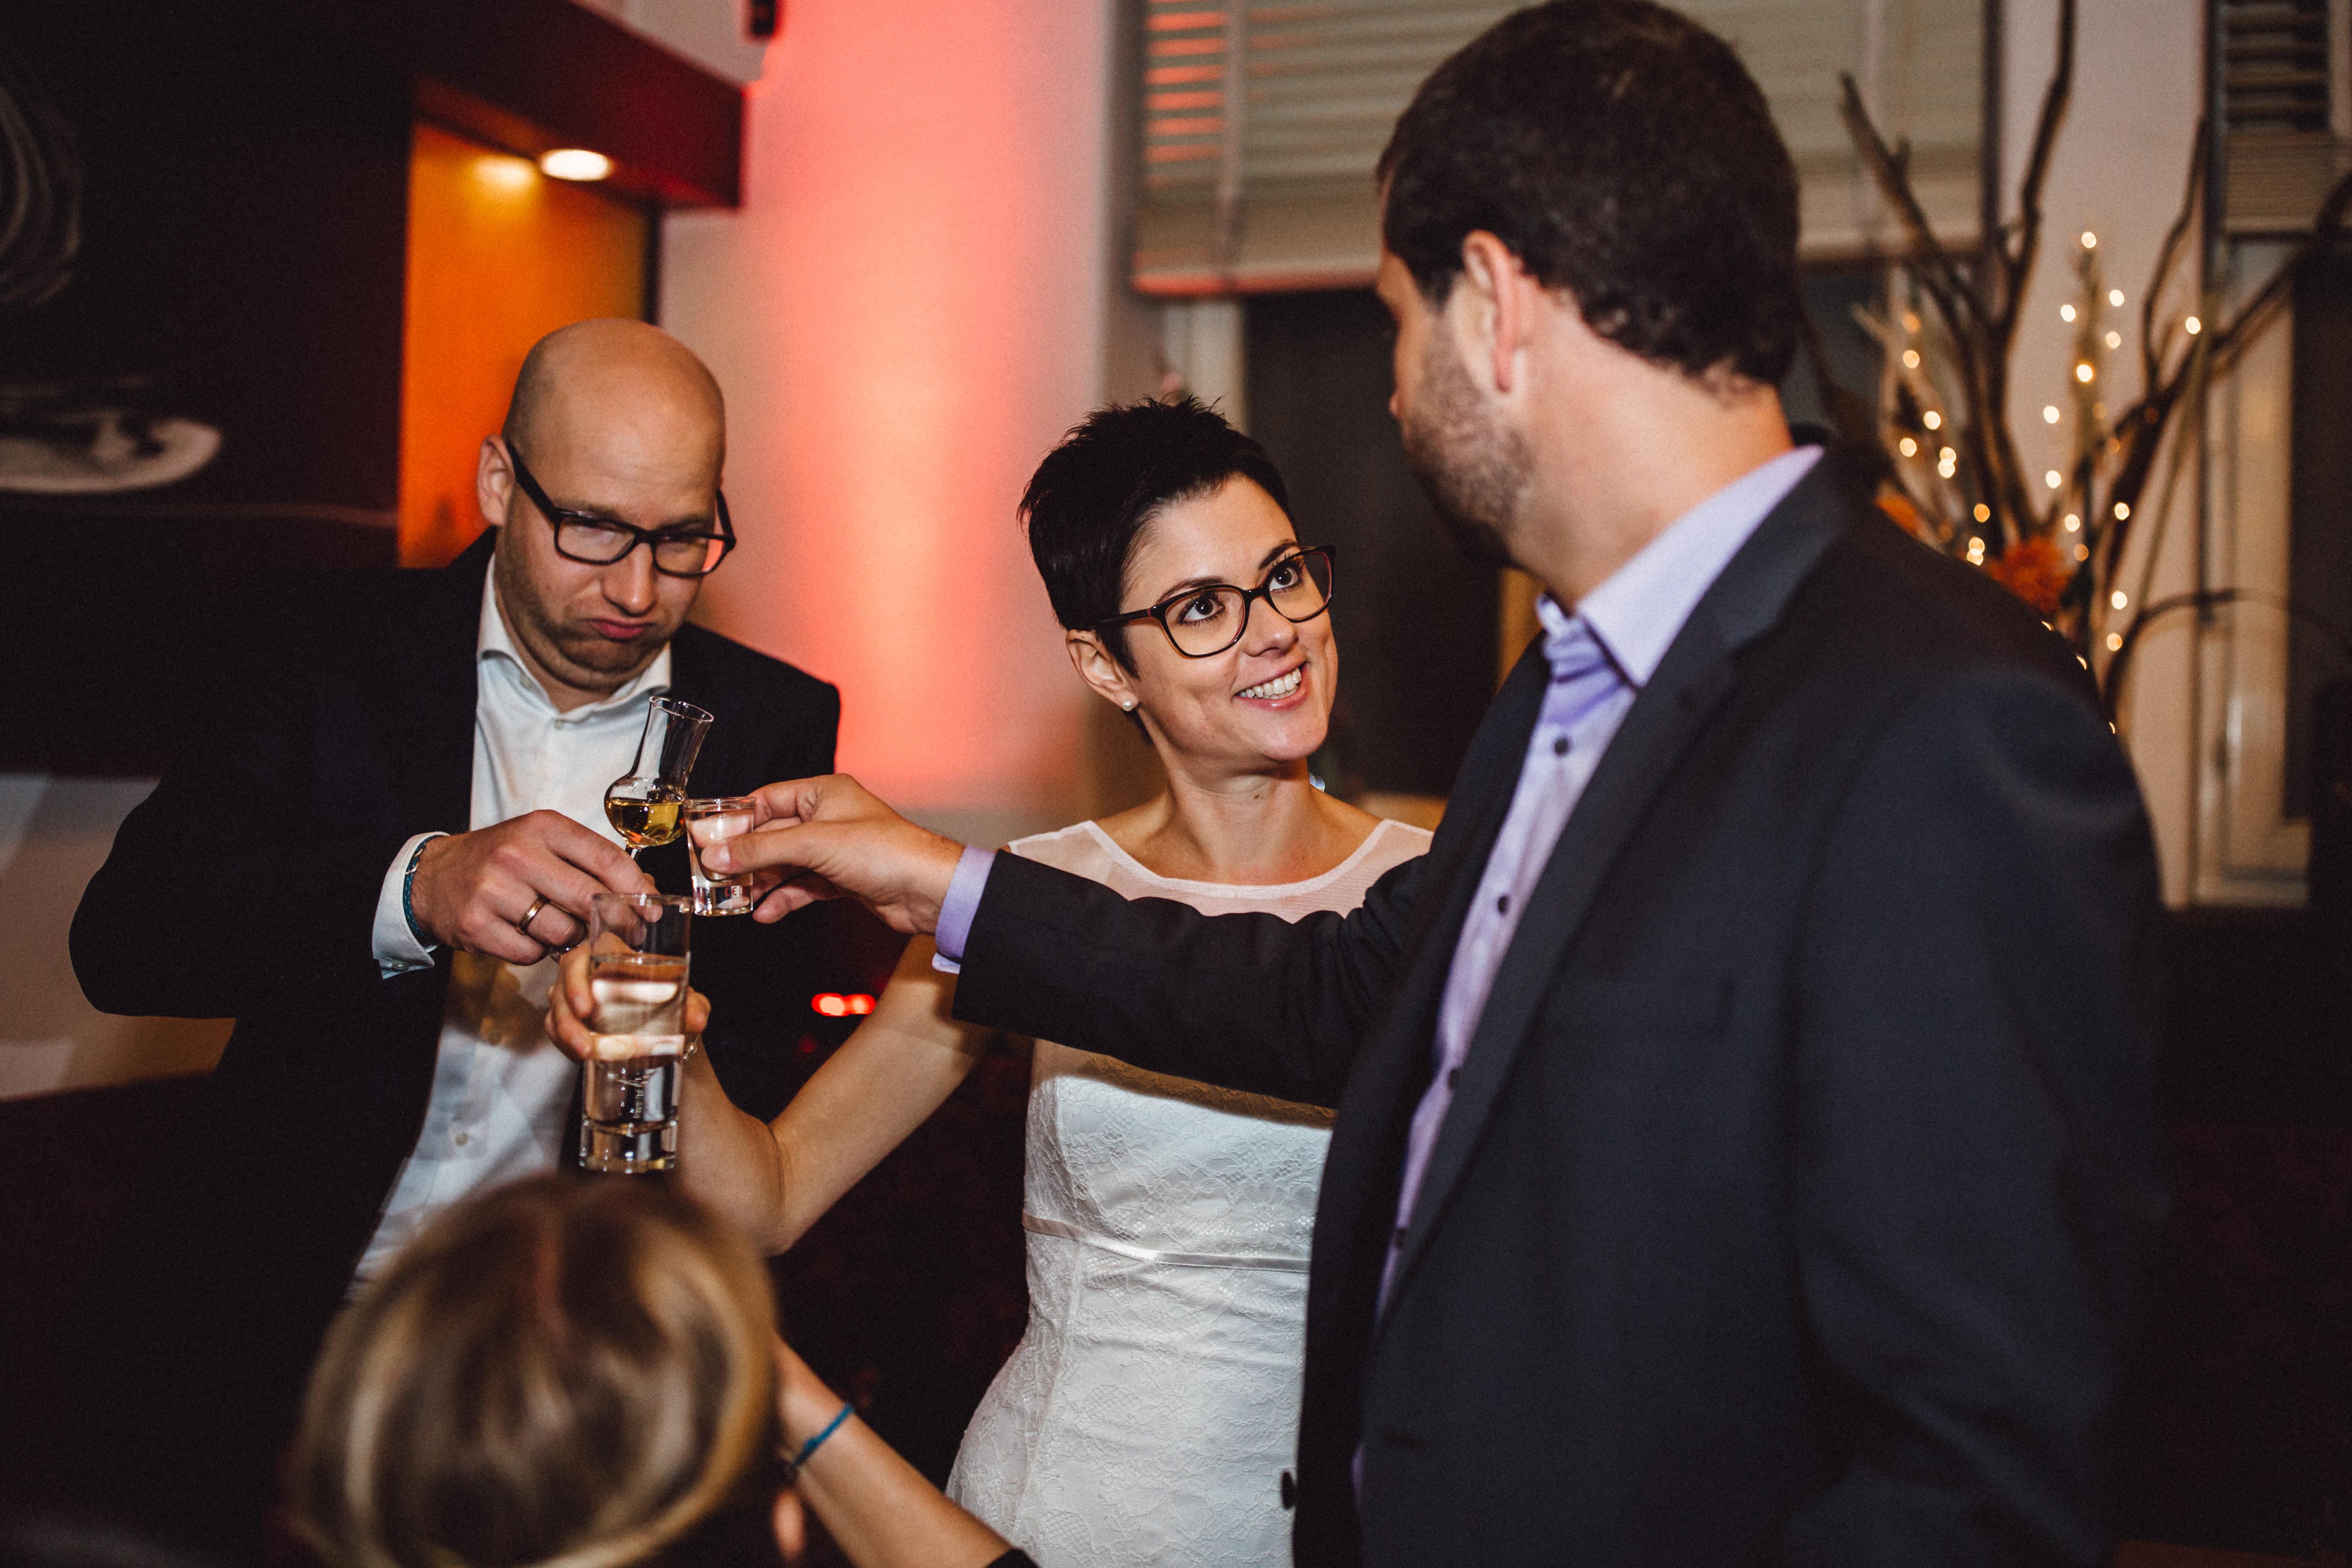 URBANERIE_Daniela_Goth_Hochzeitsfotografin_Nürnberg_Fürth_Erlangen_Schwabach_171028_0451